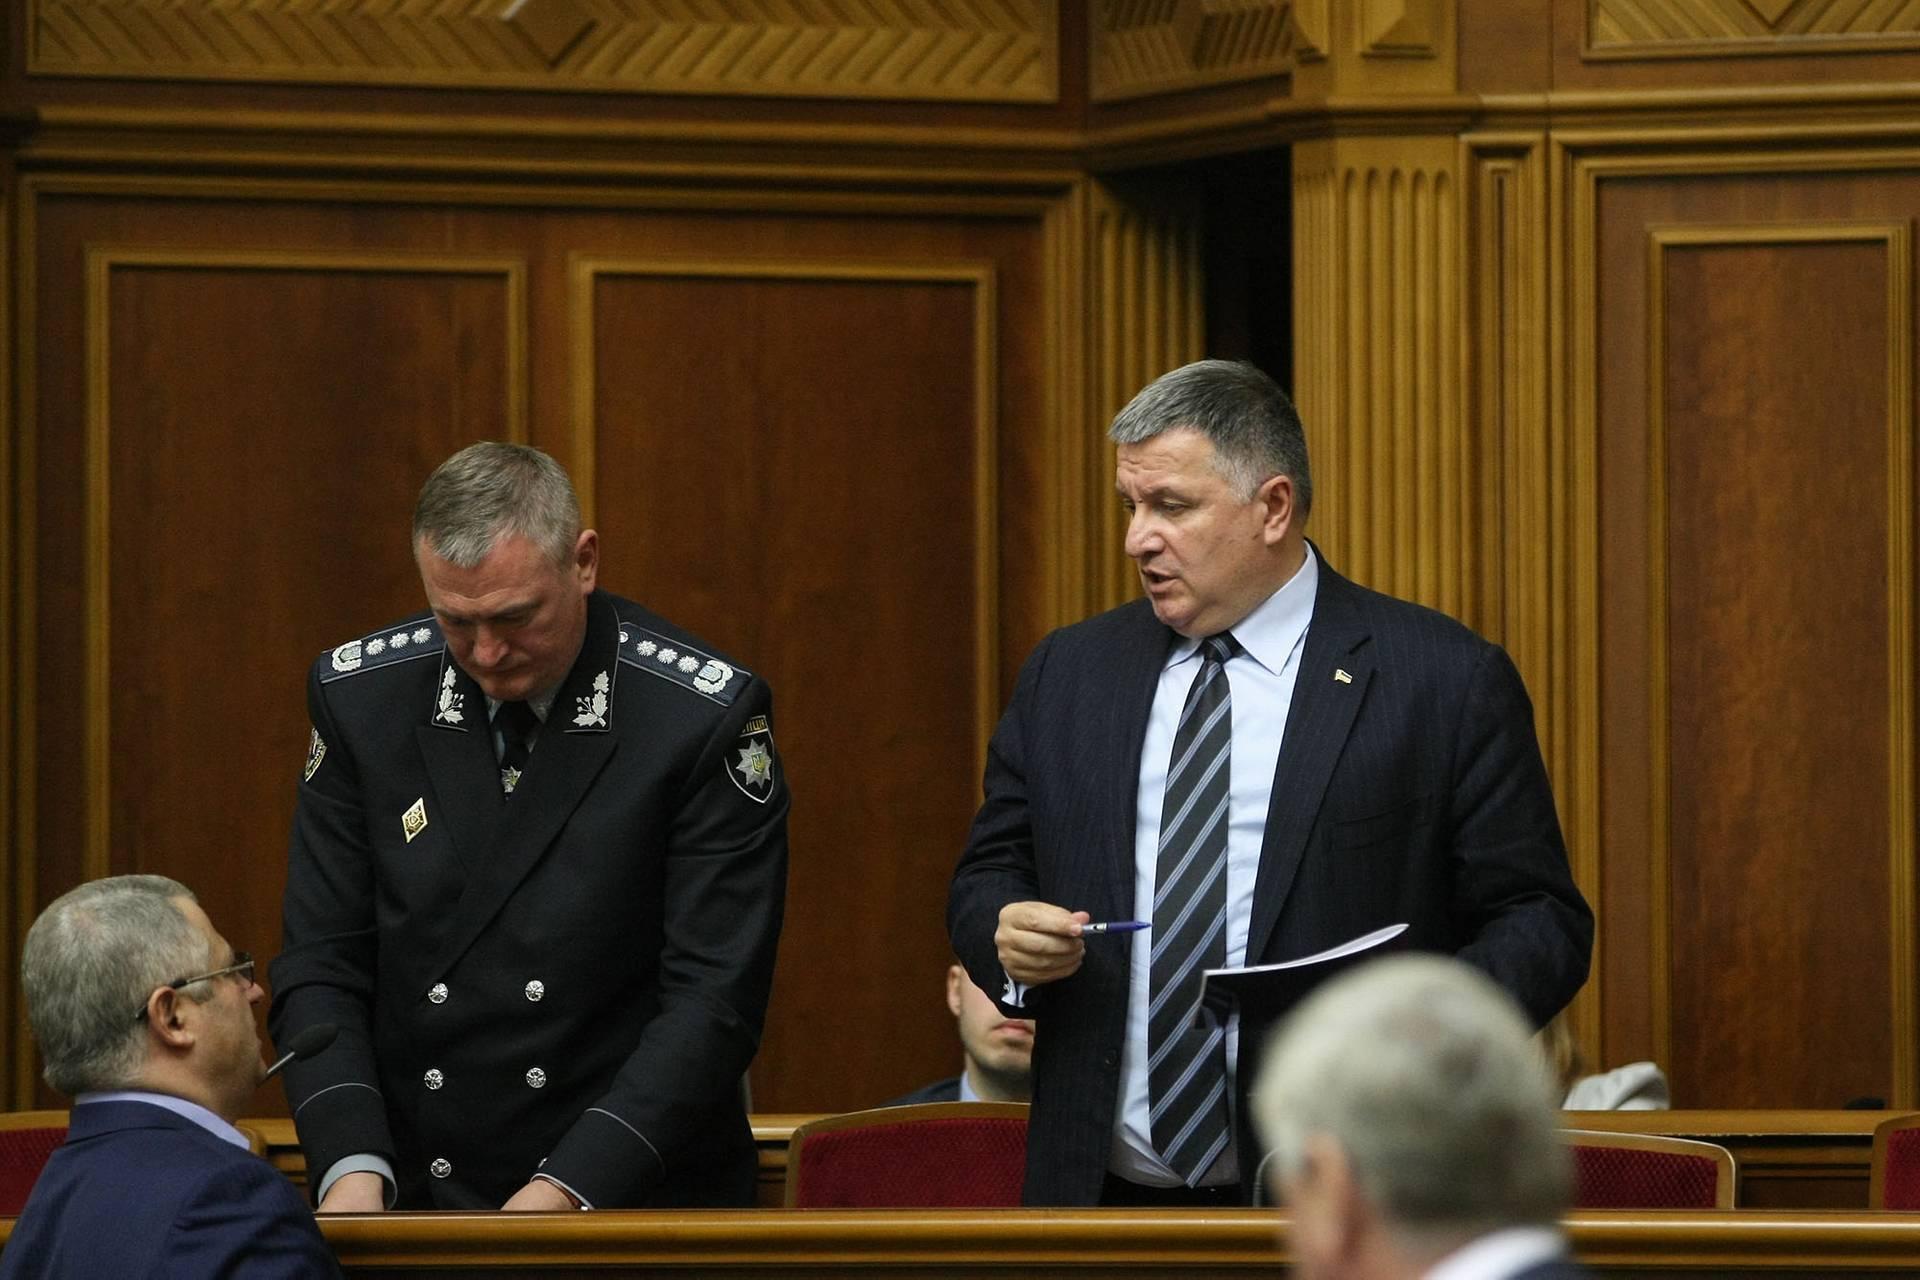 Голова Національної поліції України Сергій Князєв (ліворуч) та міністр внутрішніх справ Арсен Аваков теж прийшли в Раду відзвітуватись про перебіг розслідування, Київ, 6 листопада 2018 року